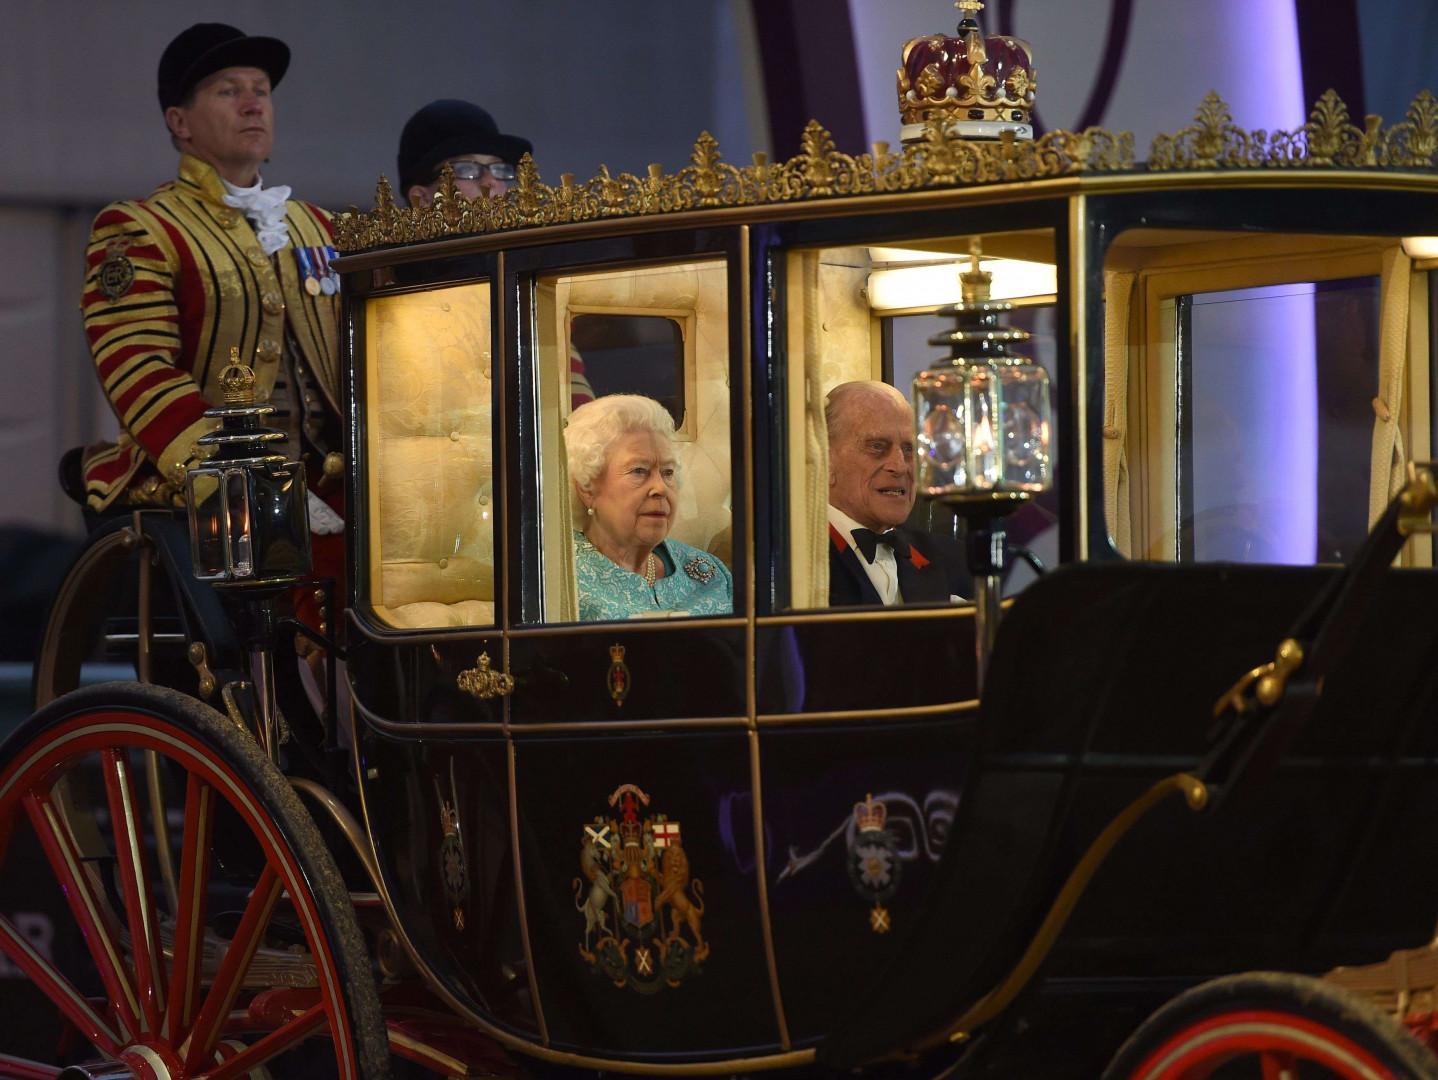 La reine Elizabeth et le prince Philip arrivent au château de Windsor pour assister au spectacle organisé en l'honneur des 90 ans de sa majesté